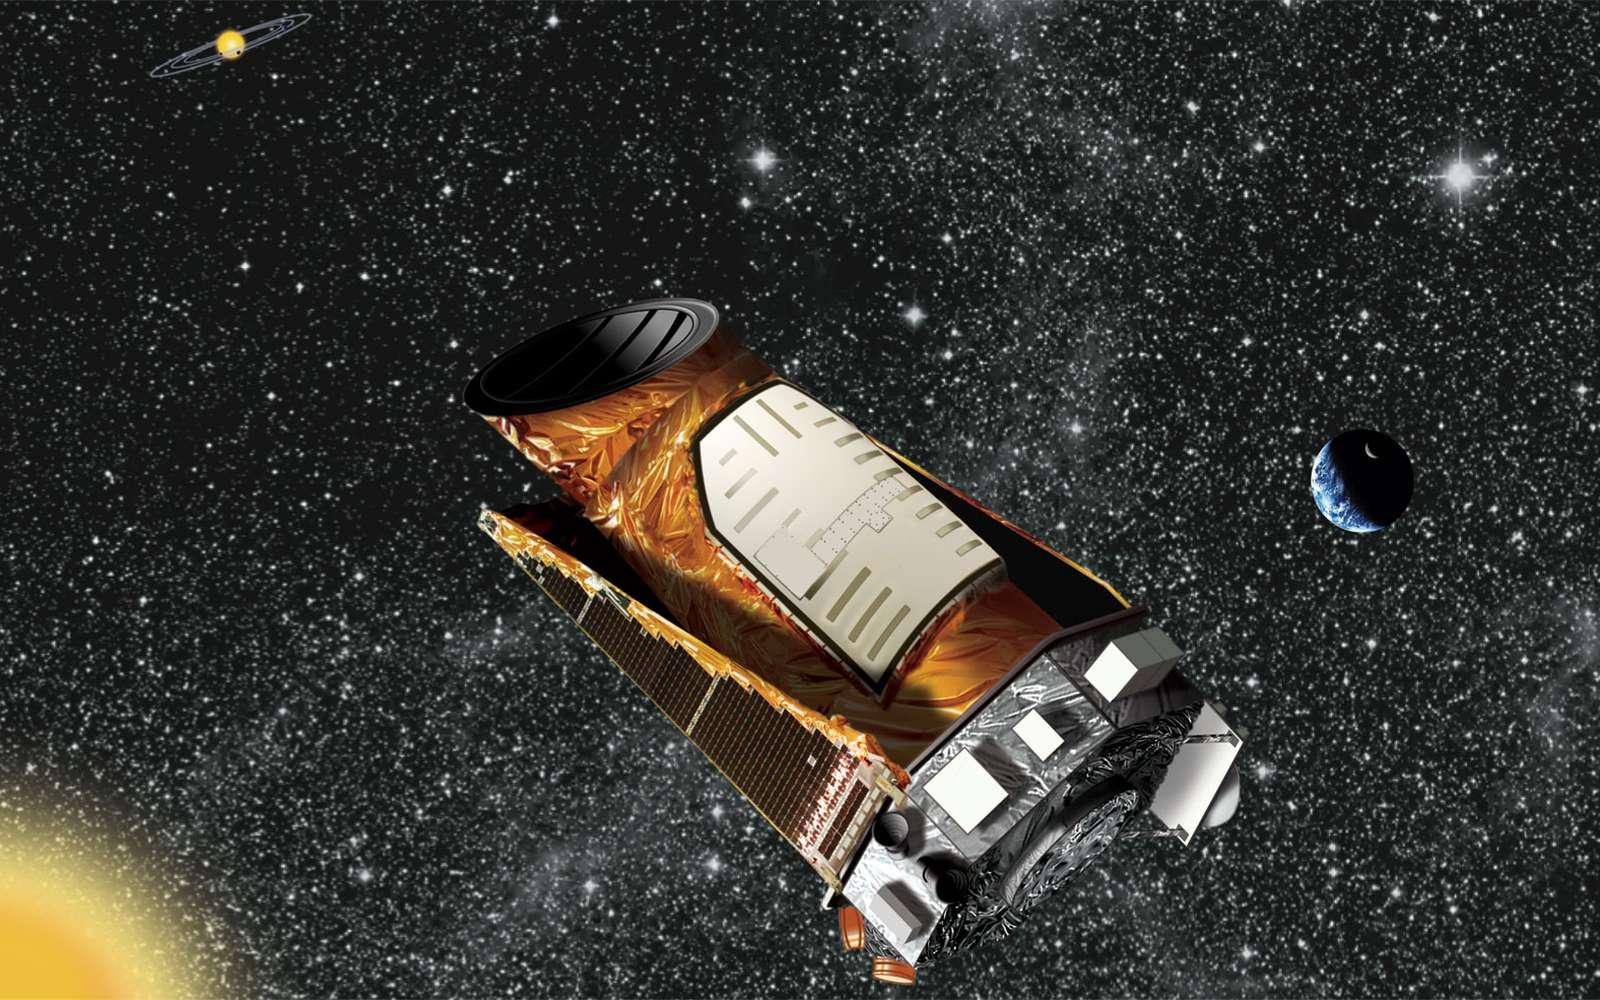 Kepler, de nouveau capable de pointer des étoiles pendant une longue période, s'est vu attribuer une nouvelle mission de recherche d'exoplanètes. Baptisée K2, elle s'étendra jusqu'à juin 2016. © Nasa